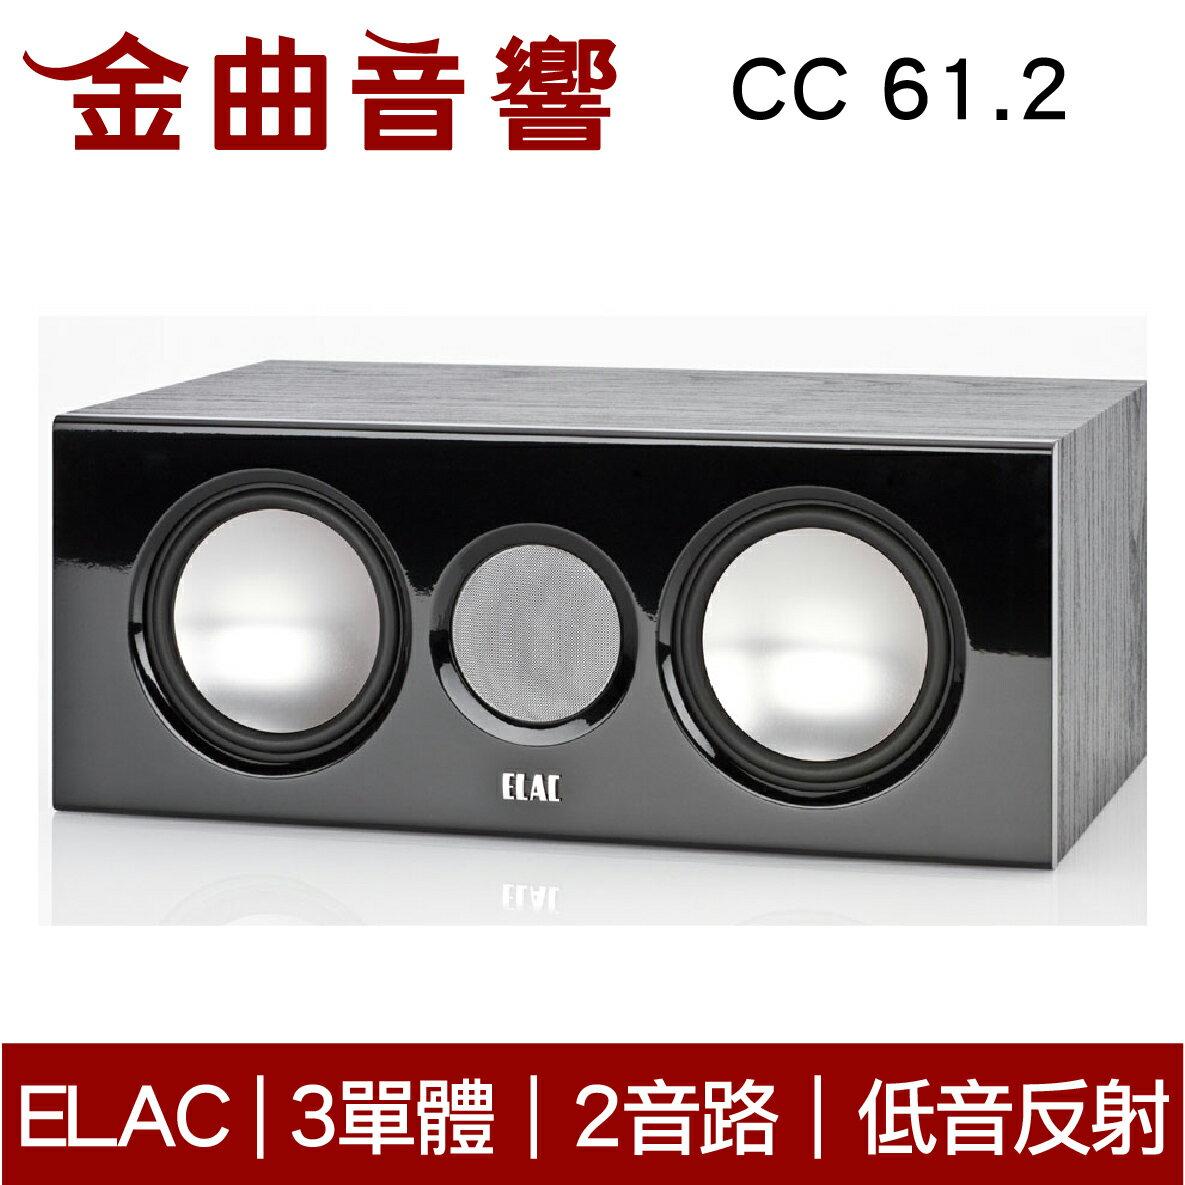 ELAC CC 61.2 中置 揚聲器 音響(單機)| 金曲音響